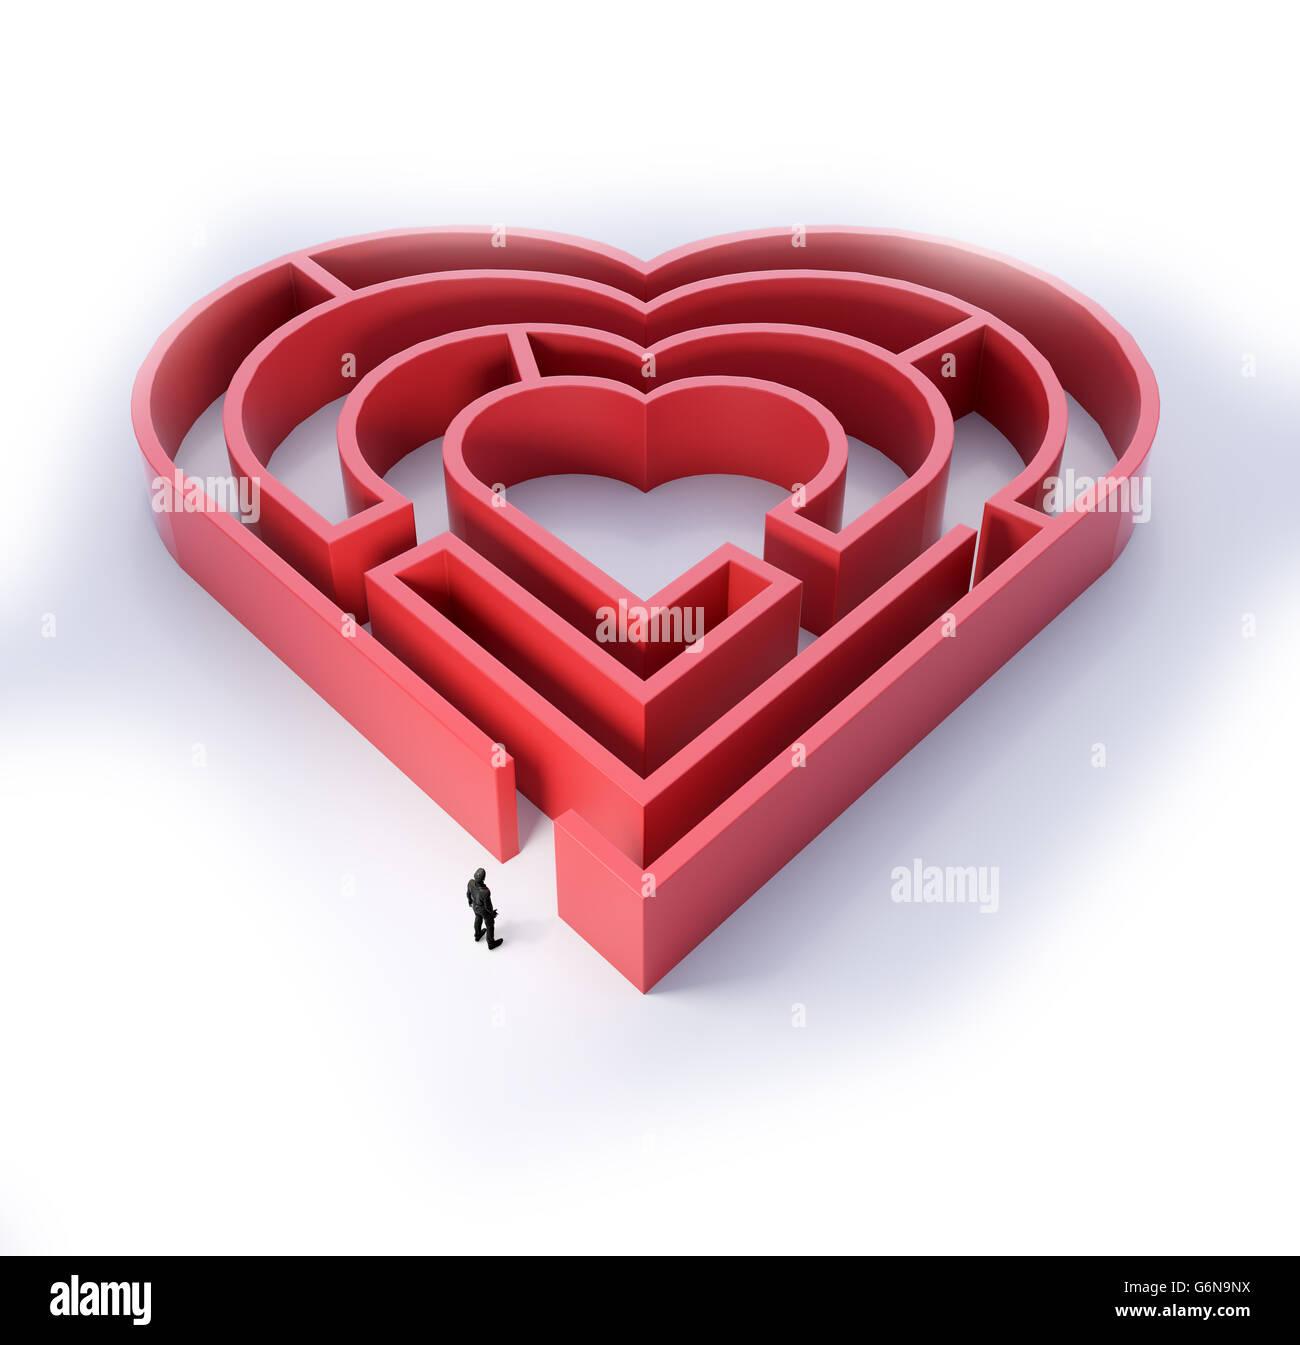 Laberinto en forma de corazón - el amor y la relación concepto ilustración 3D Imagen De Stock